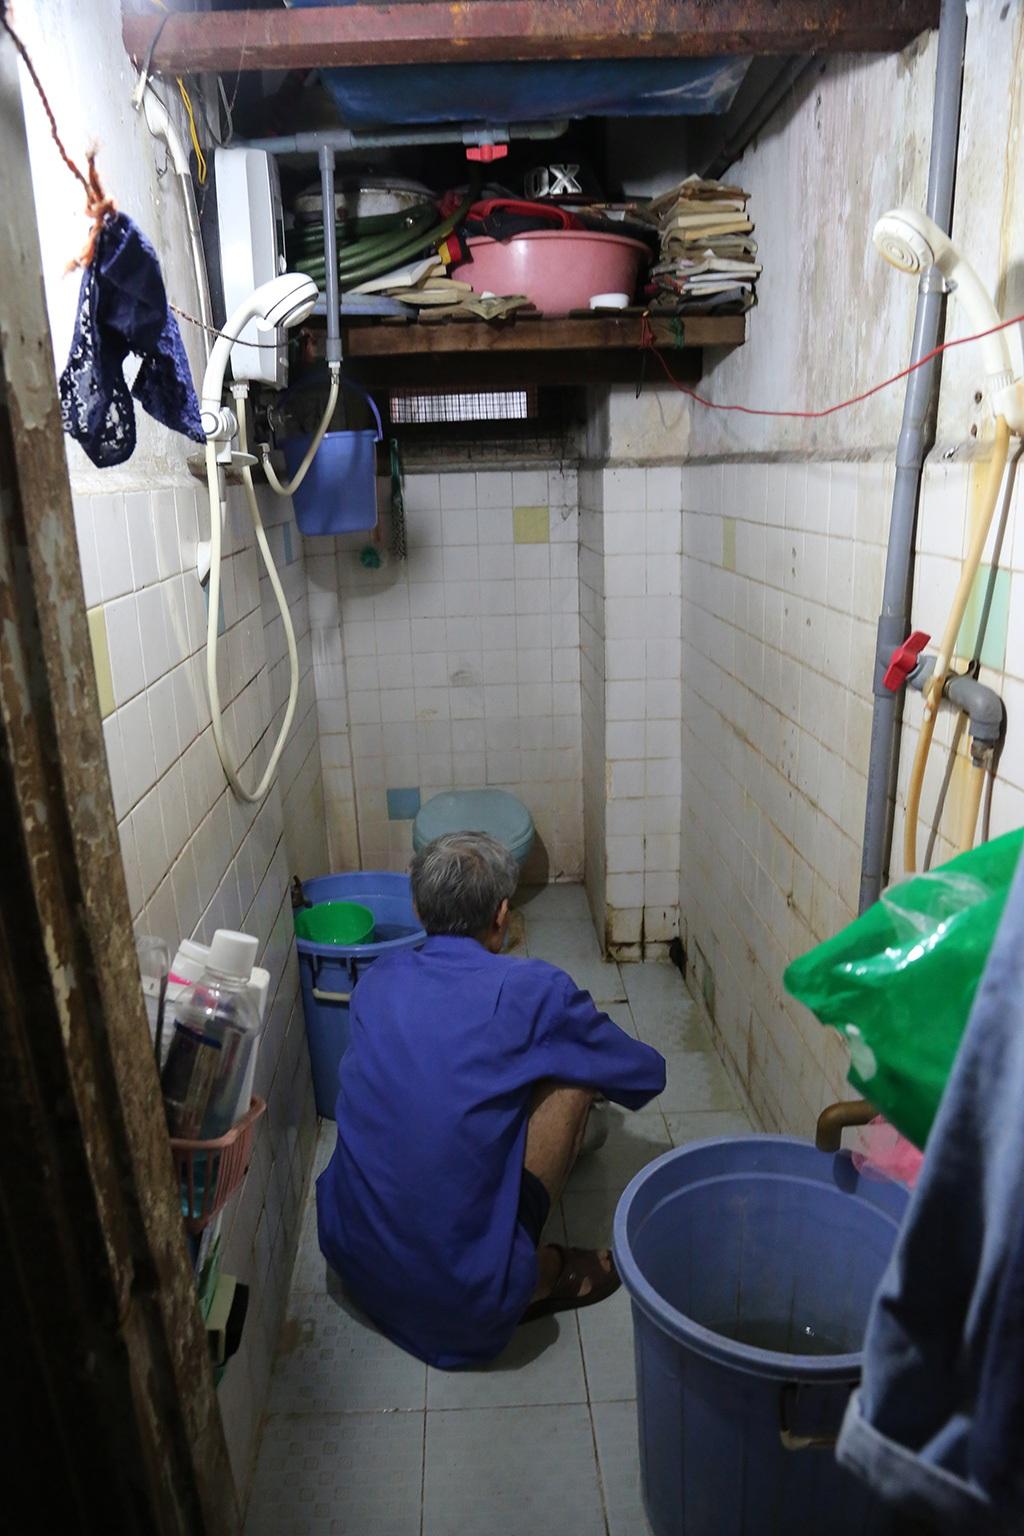 """""""Nhiều đêm đang ngủ gặp trời mưa to cả nhà thức giấc vì nước dột xuống, phải tìm xô chậu để hứng"""" một cư dân sống tại căn hộ tầng 3 chung cư Lam Sơn cho biết."""